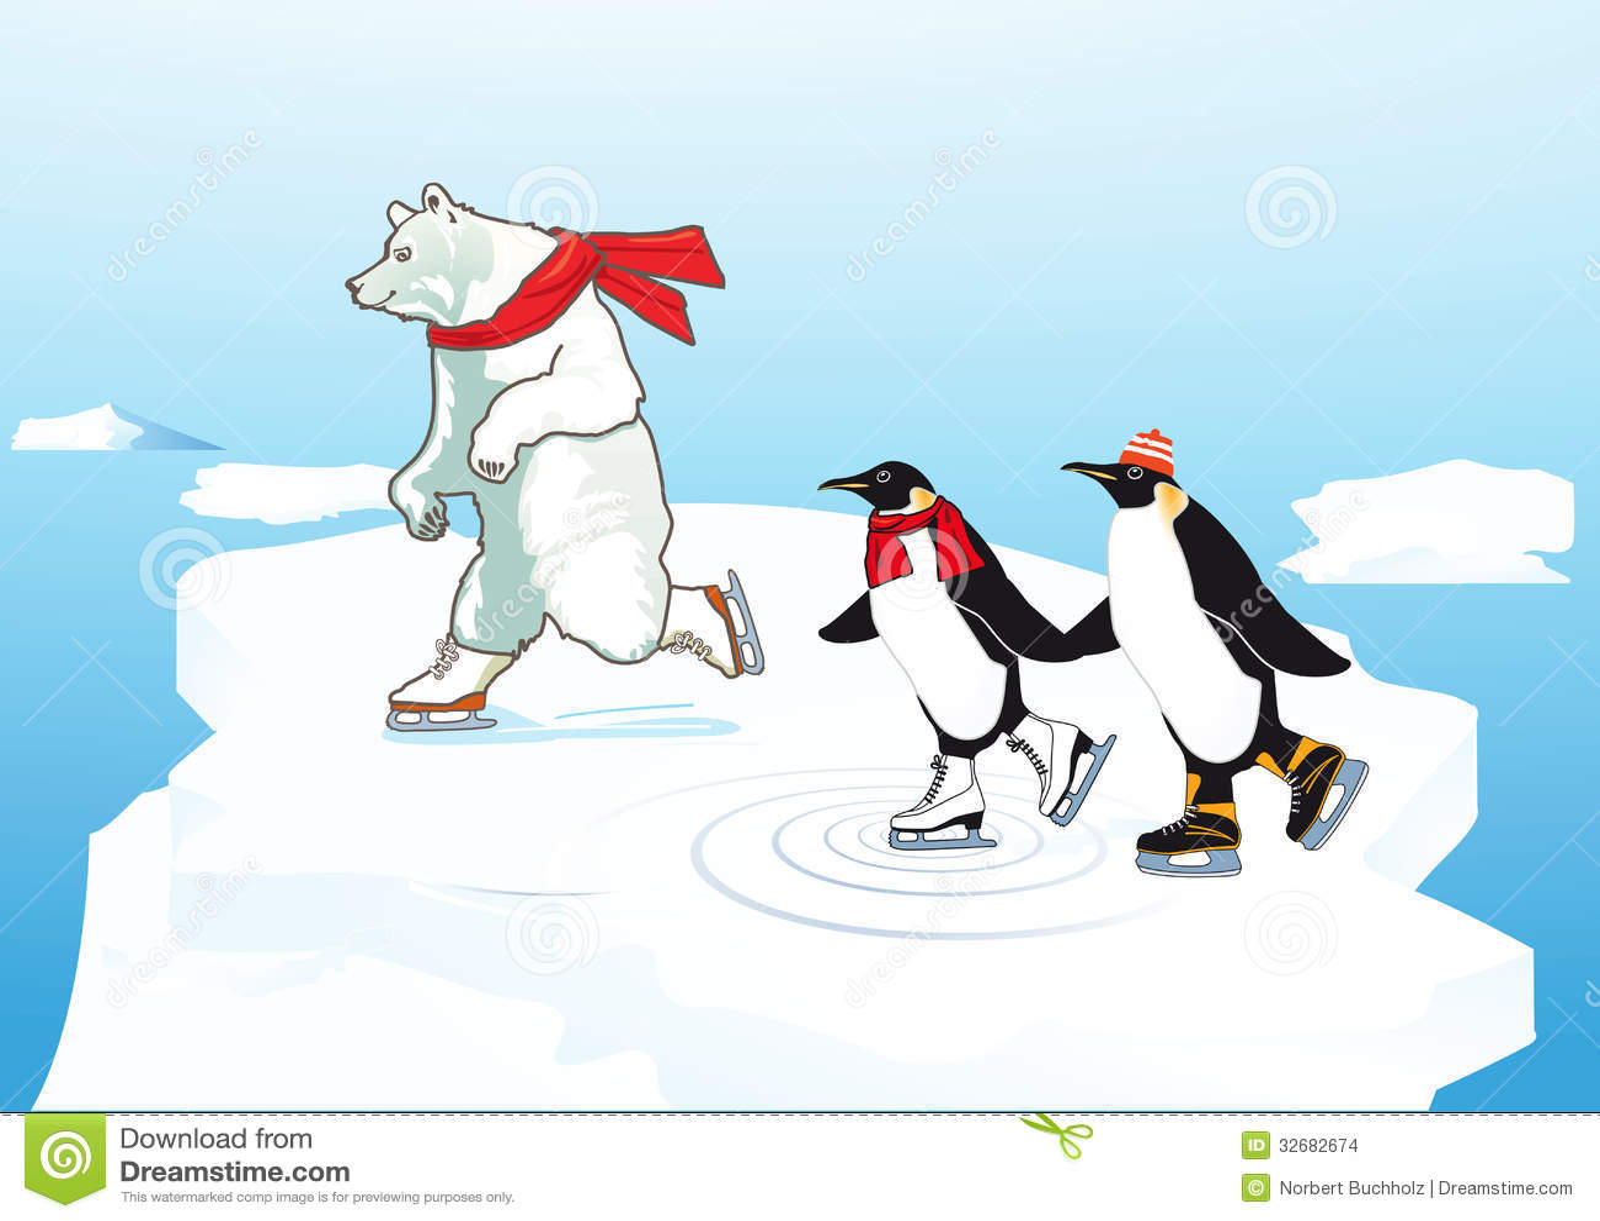 polar bear and penguins ice skating stock images image 32682674 penguins ice skating clipart Printable Ice Skating Penguins